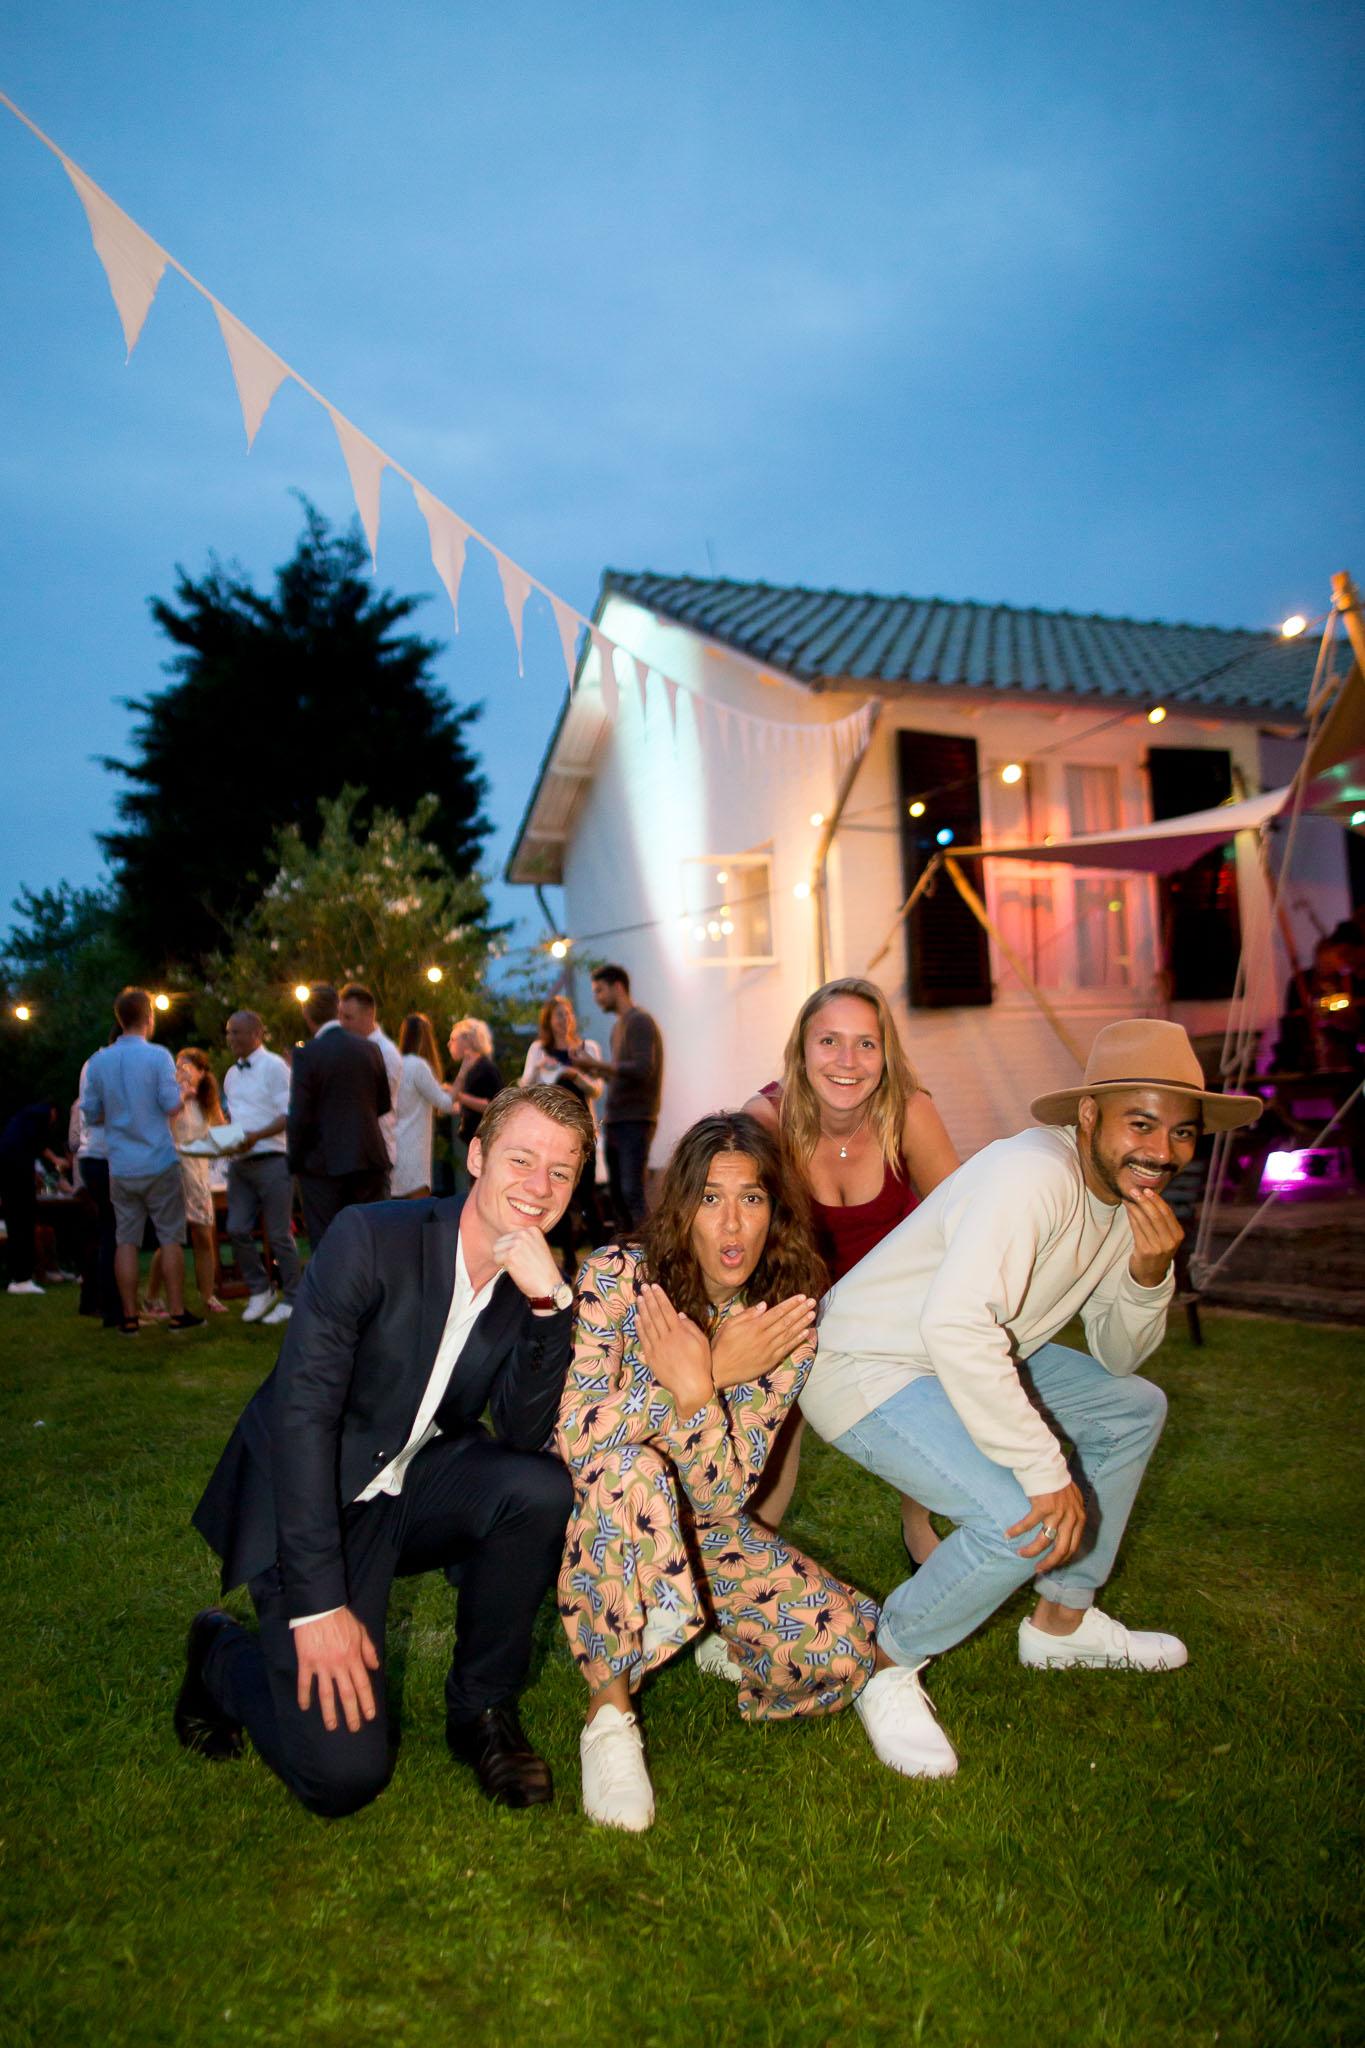 freebirdstories-com_wedding_christiaannina_lowres_830